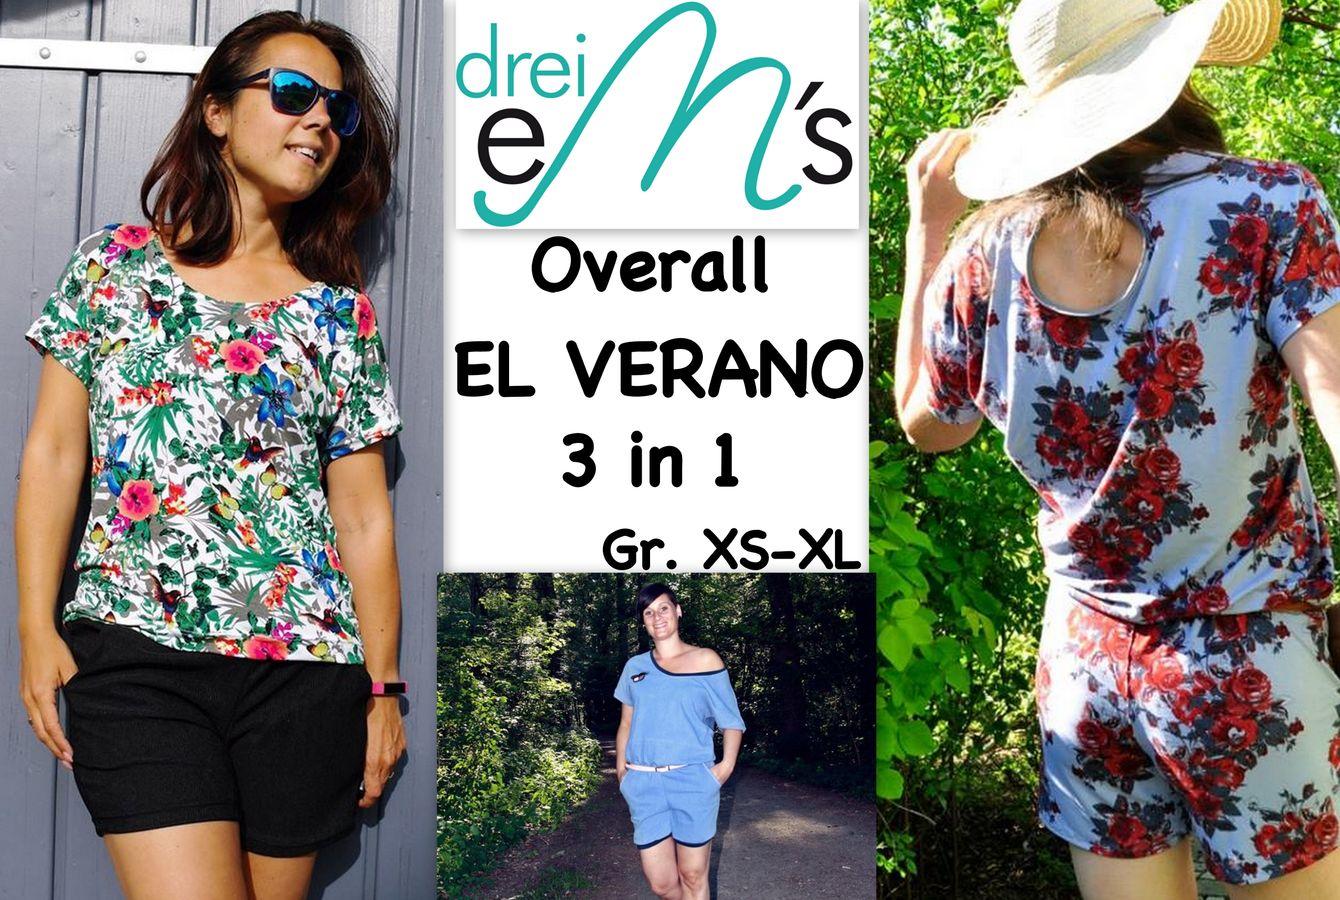 Produktfoto von drei eMs für Schnittmuster Overall El Verano